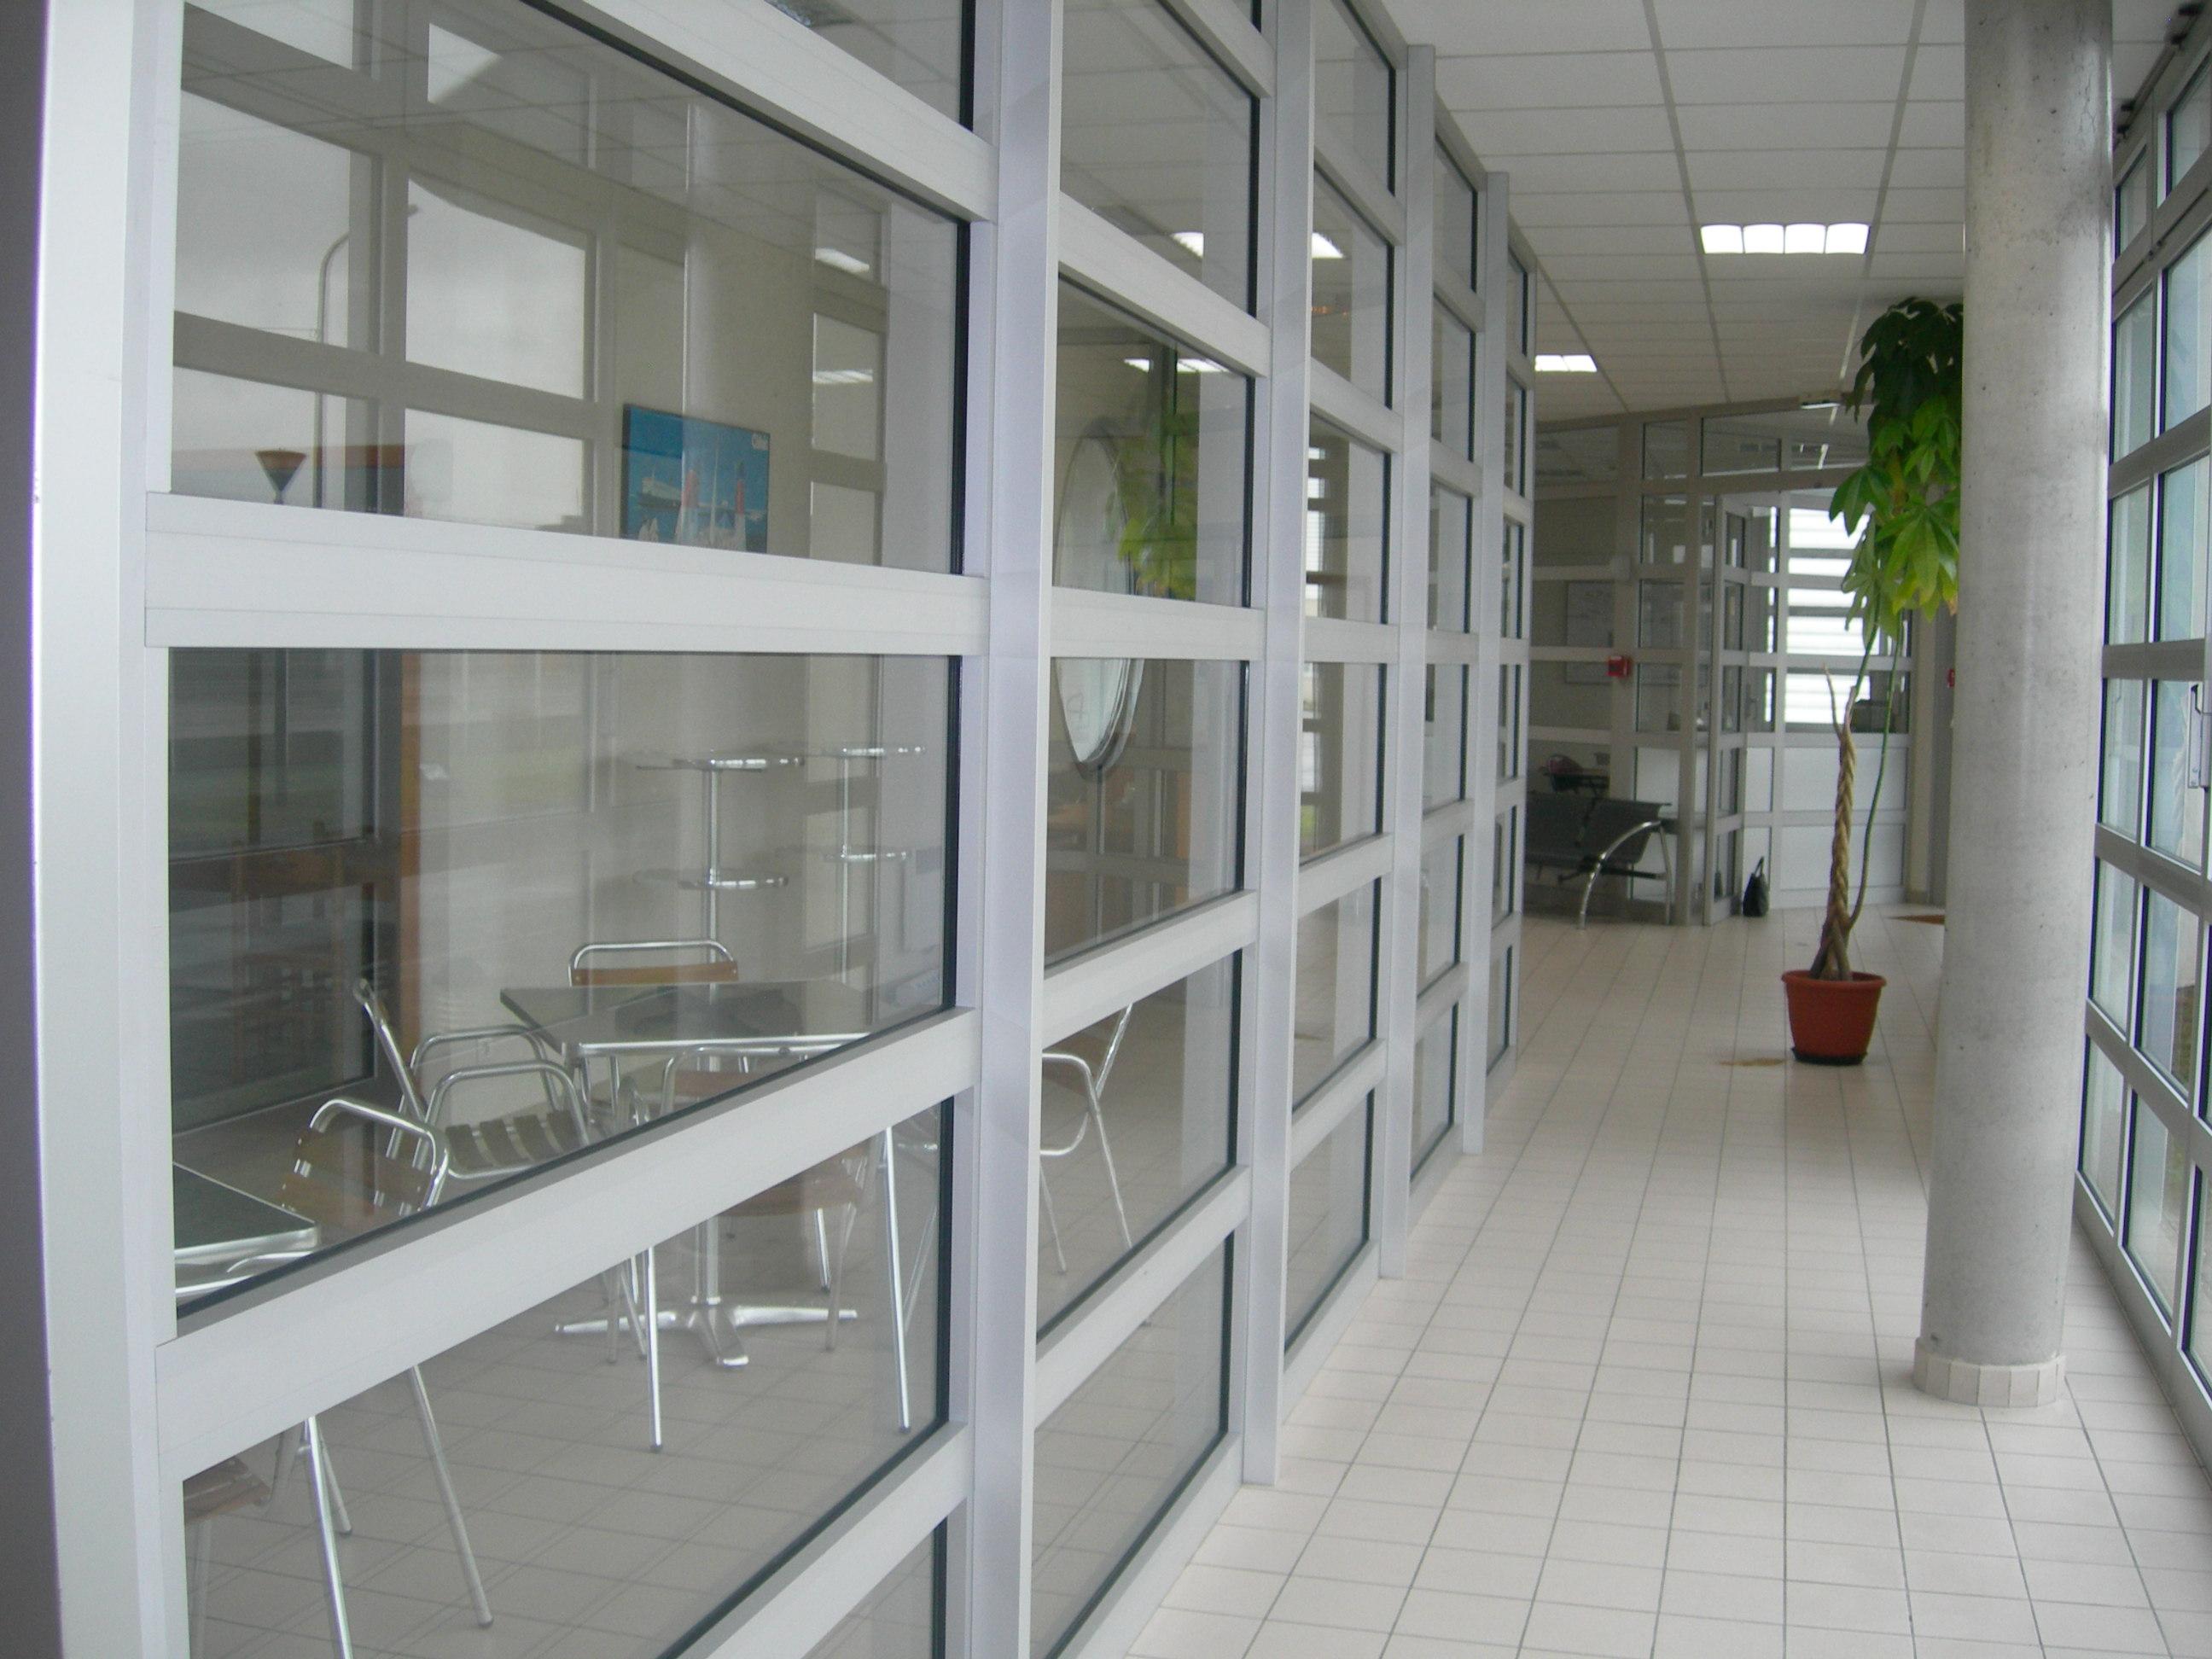 Doret 1 Calais B9 Couloir a